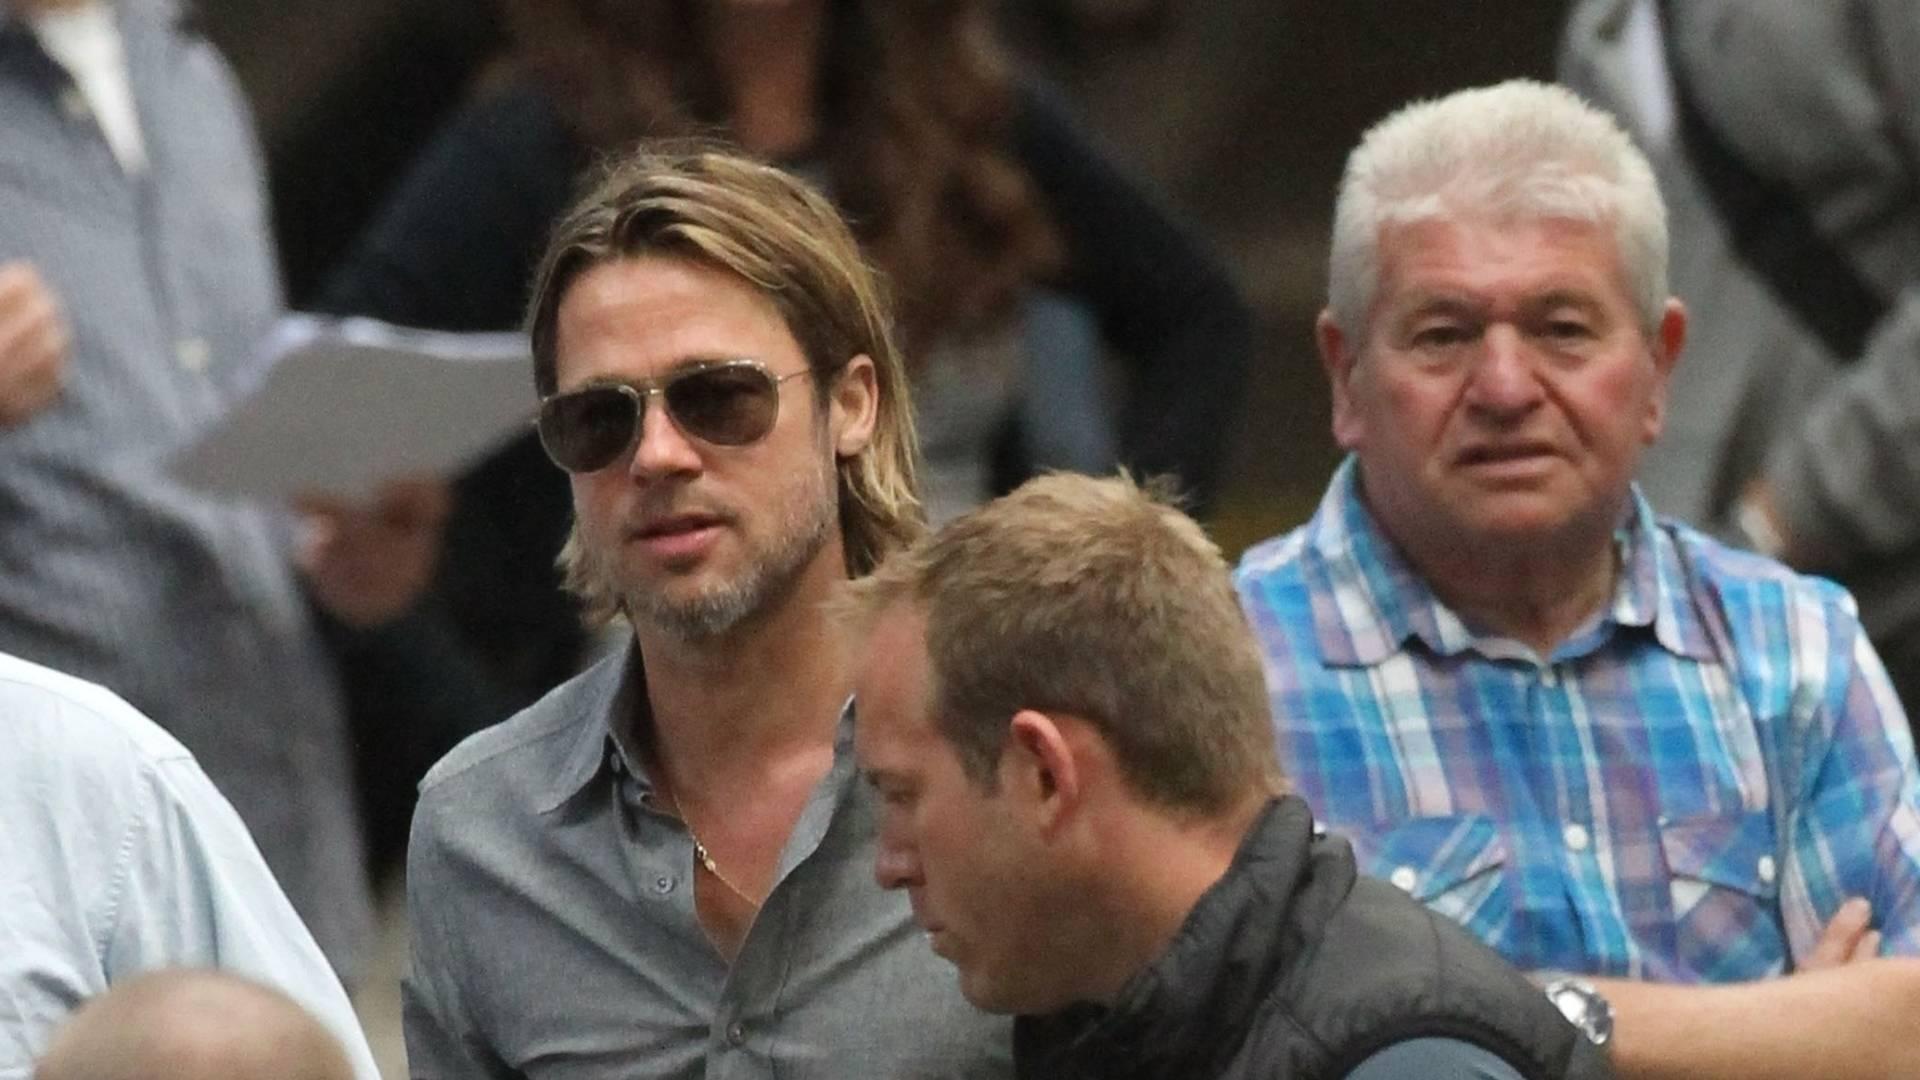 Brad Pitt e a mulher Angelina Jolie são vistos na estação de trem de Euston em Londres, com os filhos. O casal pegou um trem rumo a Glasgow na Escócia, onde Brad Pitt está a filmar o seu próximo filme